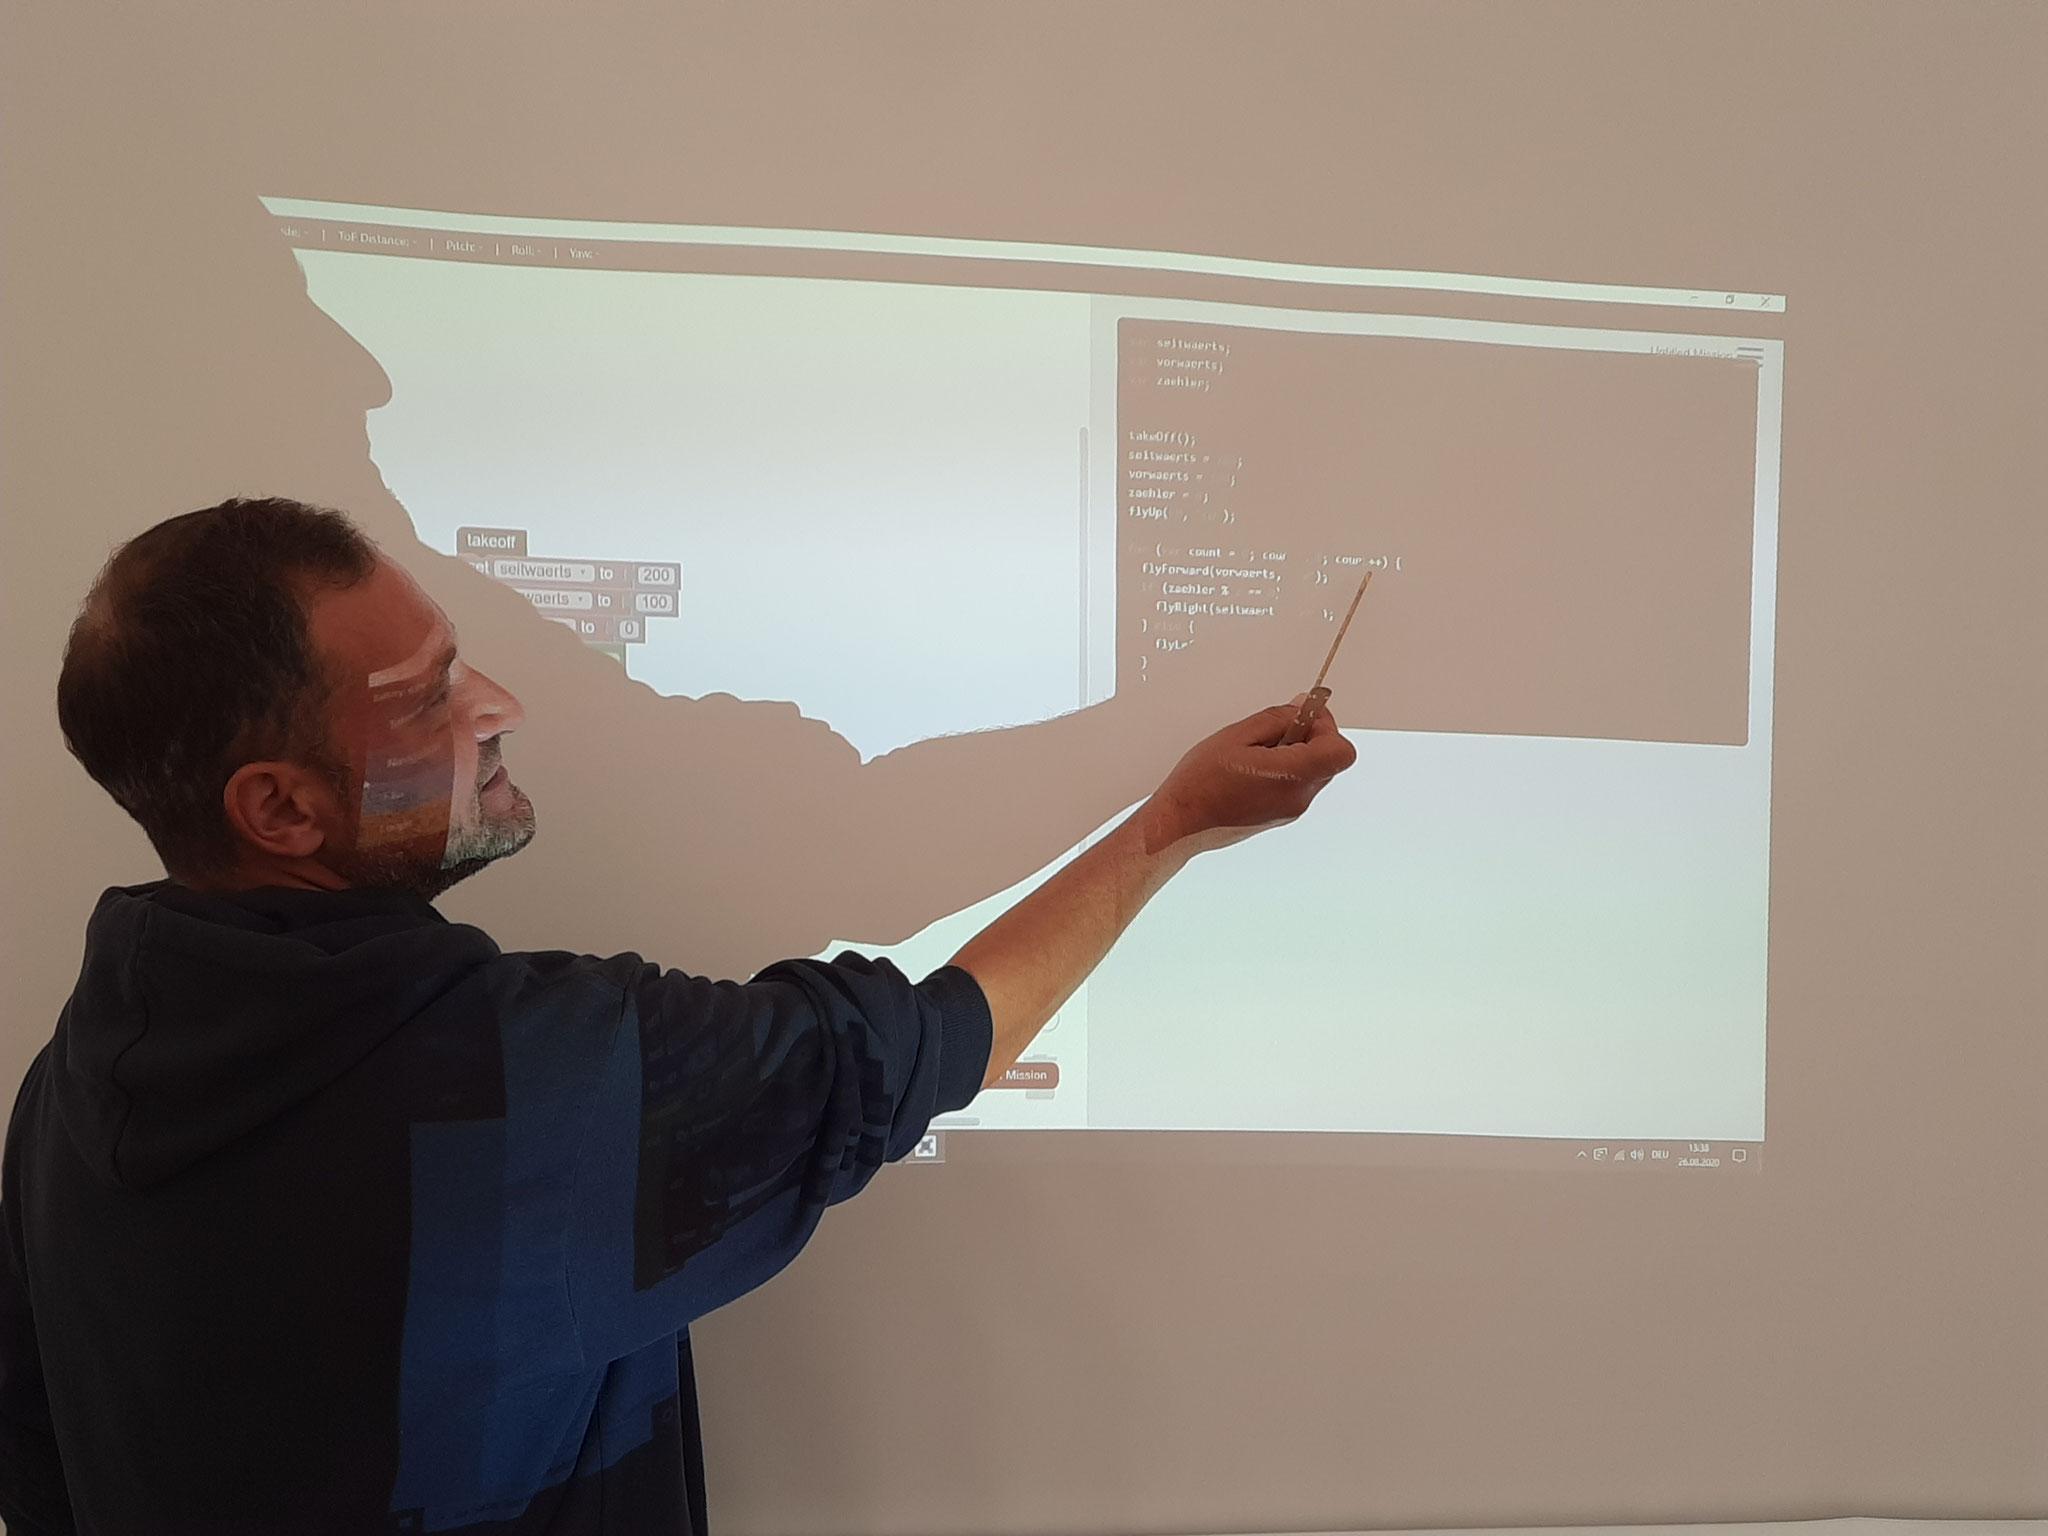 Branco erklärt den Programmierungscode